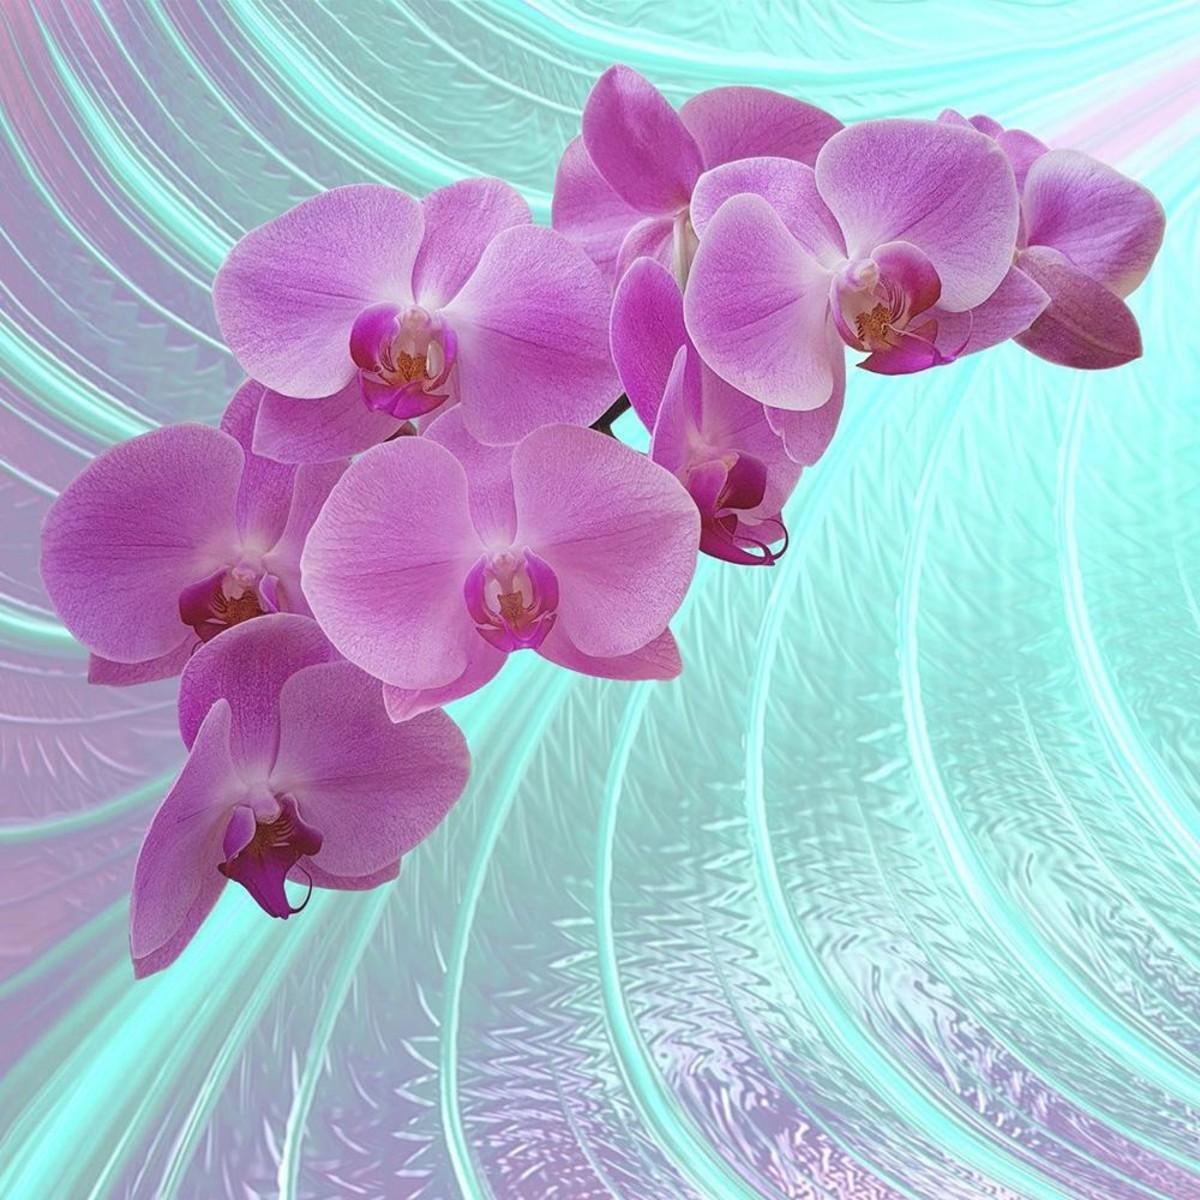 Фотообои Московская Обойная Фабрика Розовая орхидея 6155-М 200х200 см